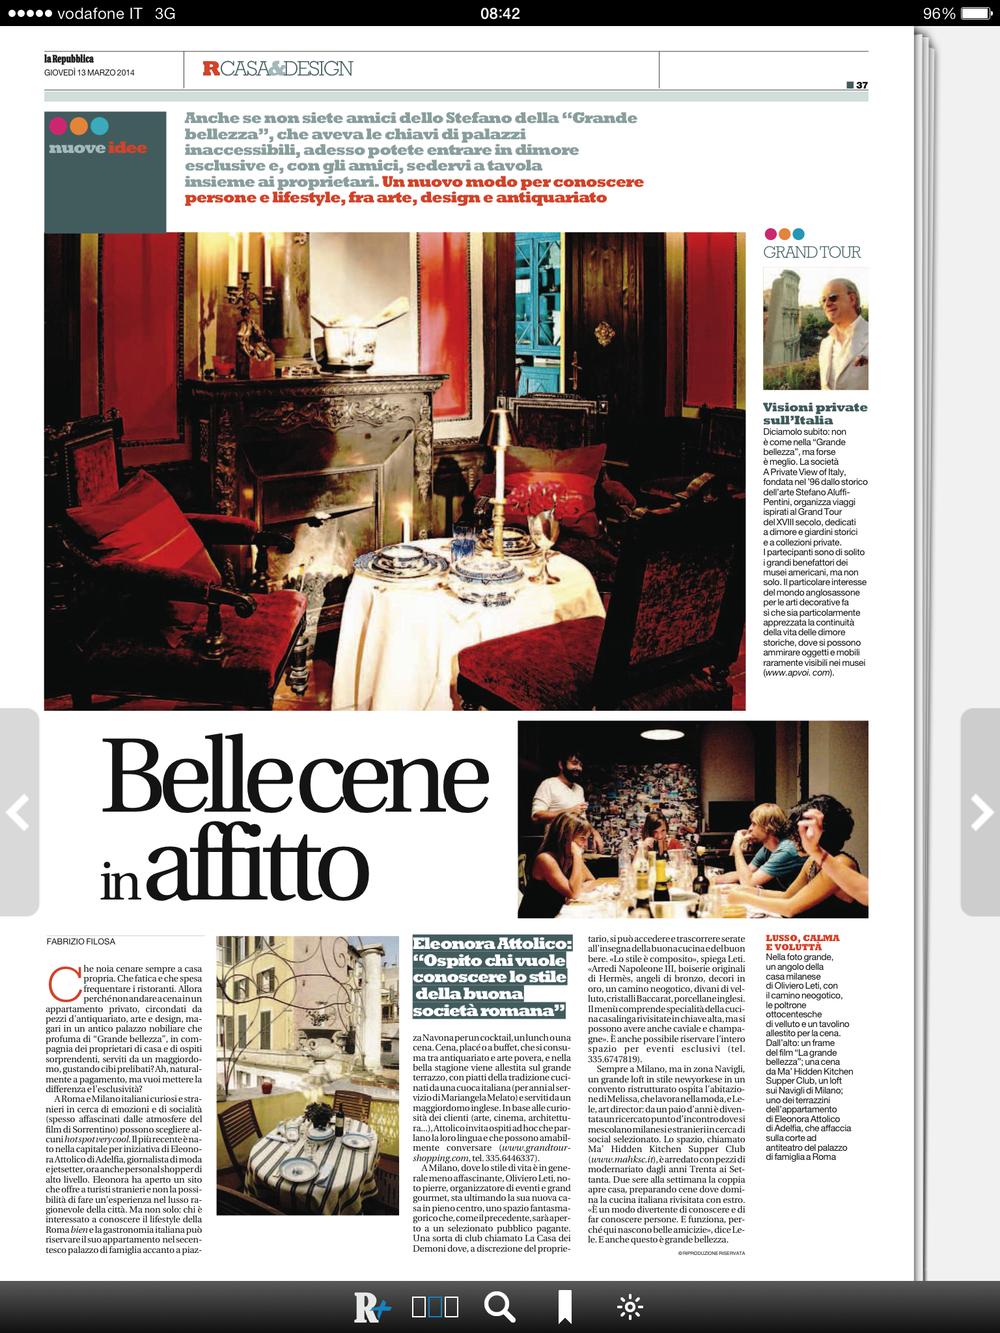 La Repubblica - Casa&Design